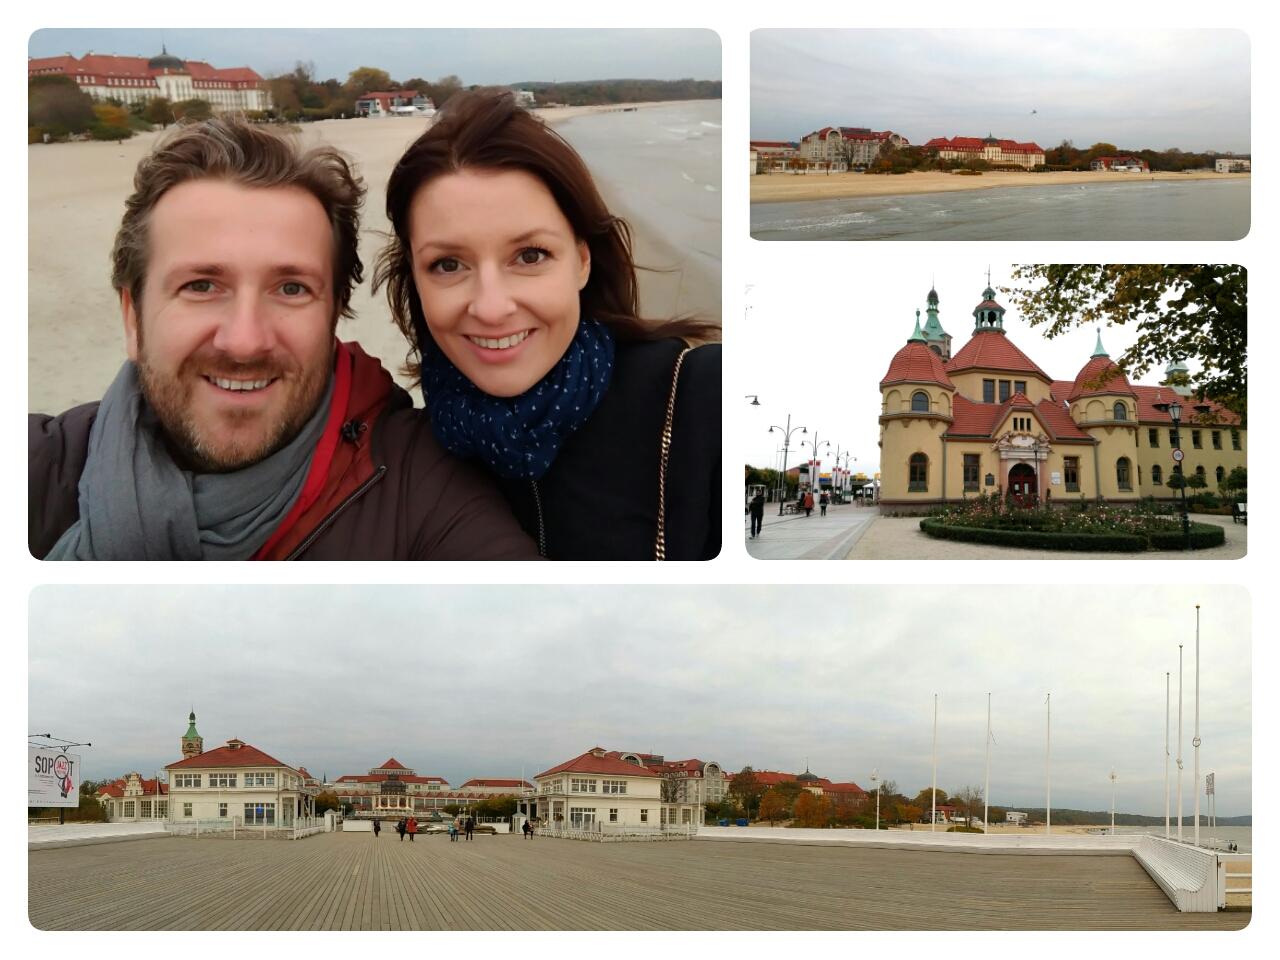 Molo w Sopocie - Trójmiasto przywitało nas chłodem, wiatrem i chmurami